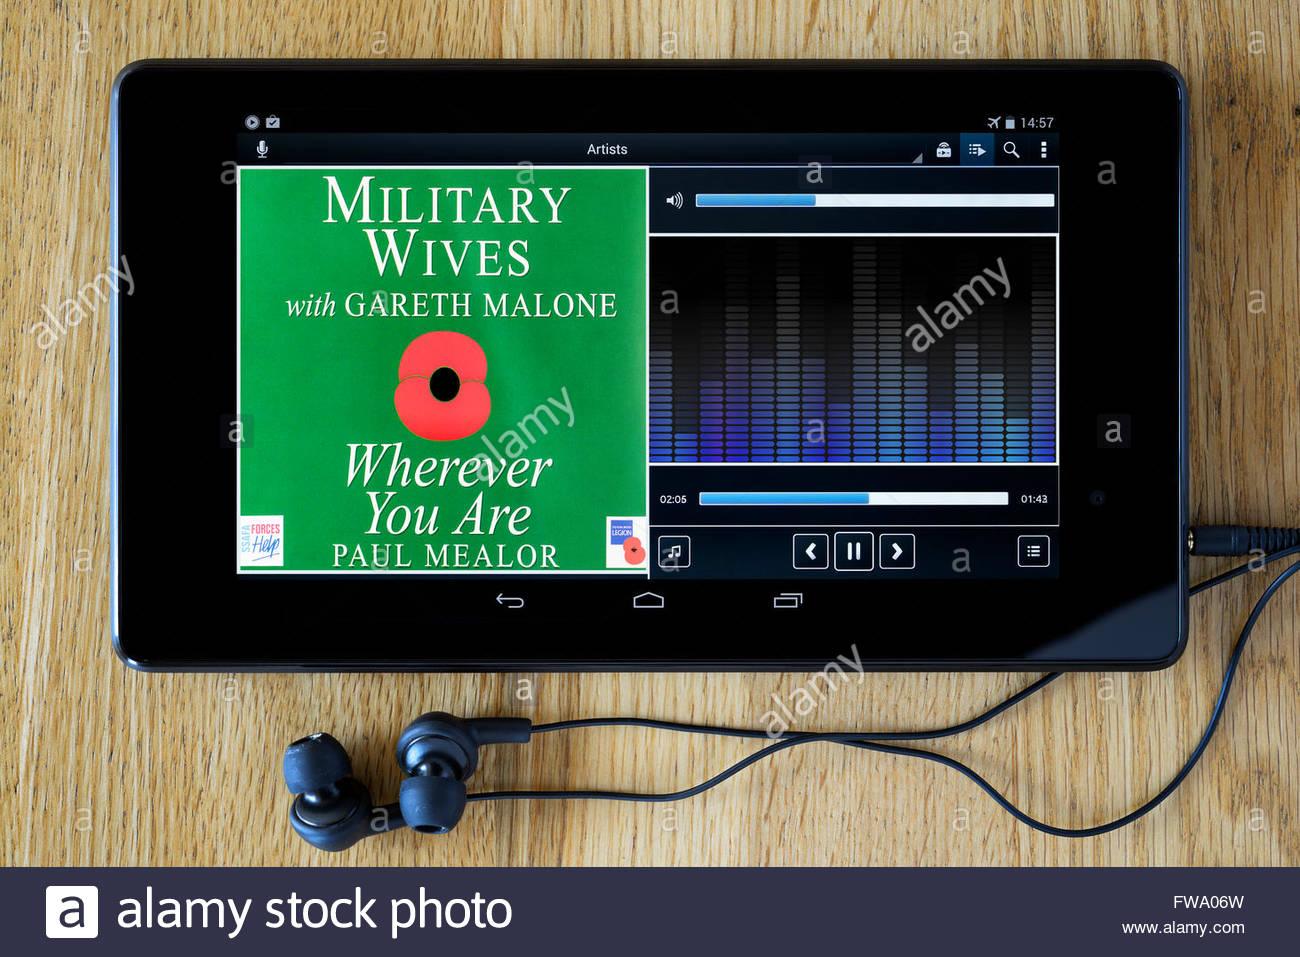 Militärische Frauen 2011 single überall dort, wo Sie sind, MP3 Album-Cover auf PC Tablet, England Stockbild